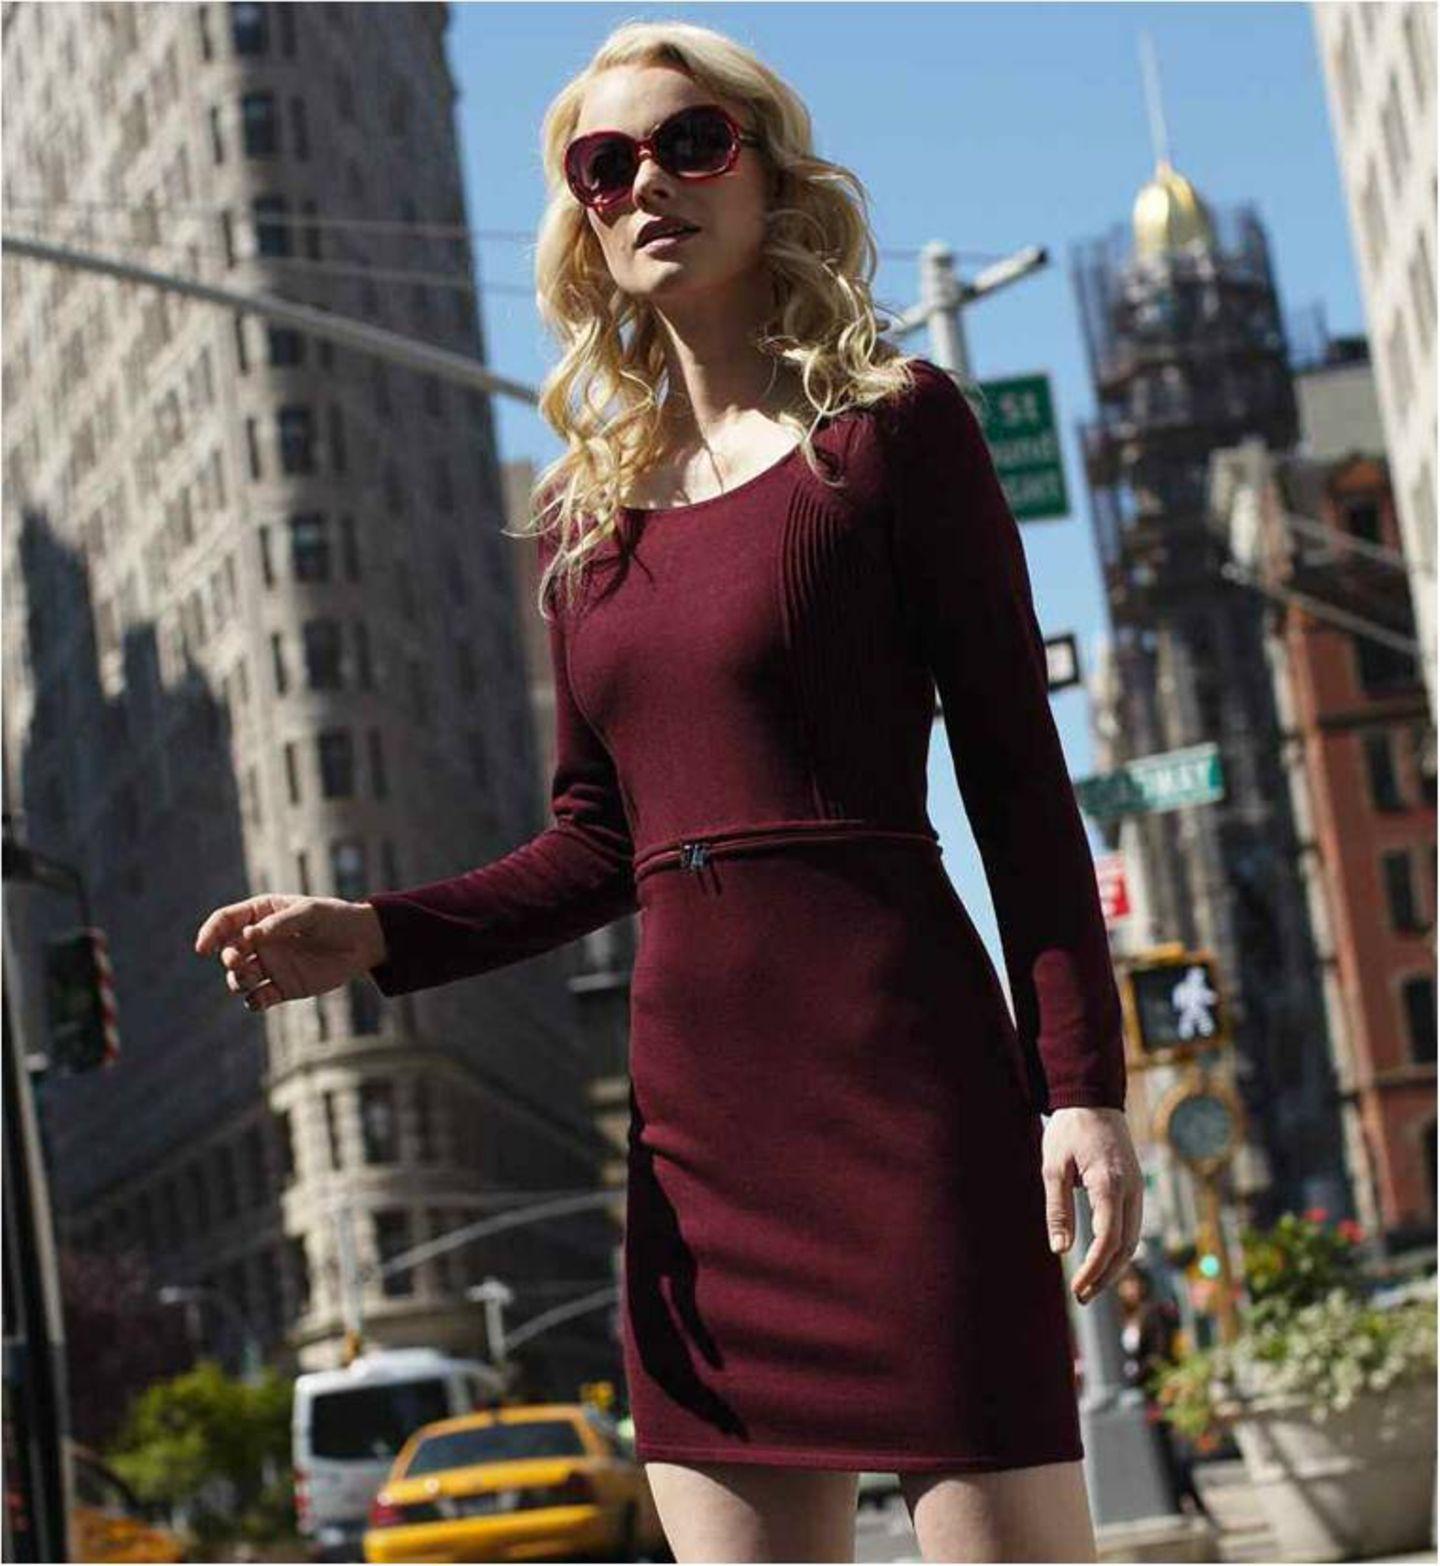 Schlicht aber mit besonderen Details – das ist der New York Style. Die Trendfarbe Bordeaux gibt den neuen Herbstkleidern das gewisse Etwas.